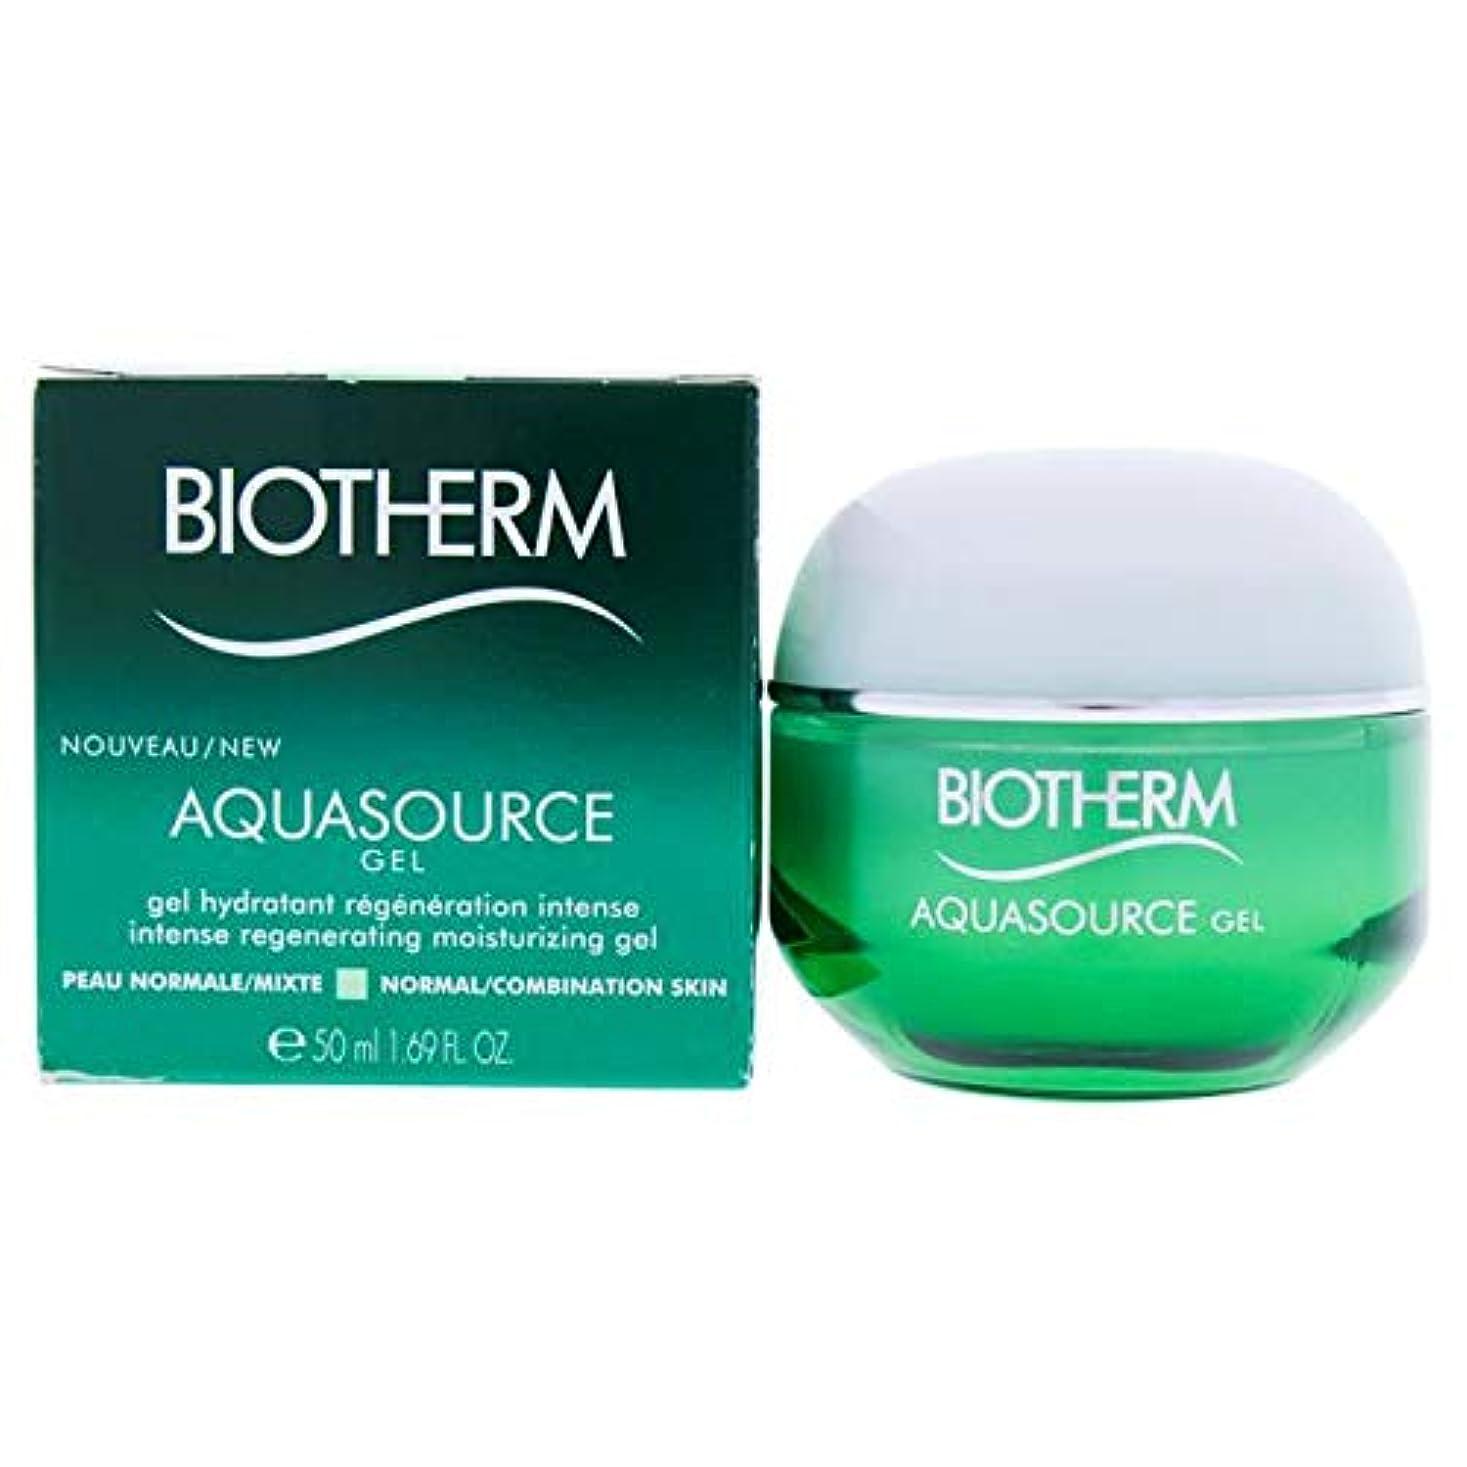 船尾かご付属品ビオテルム Aquasource Gel Intense Regenerating Moisturizing Gel - For Normal/Combination Skin 50ml/1.69oz並行輸入品